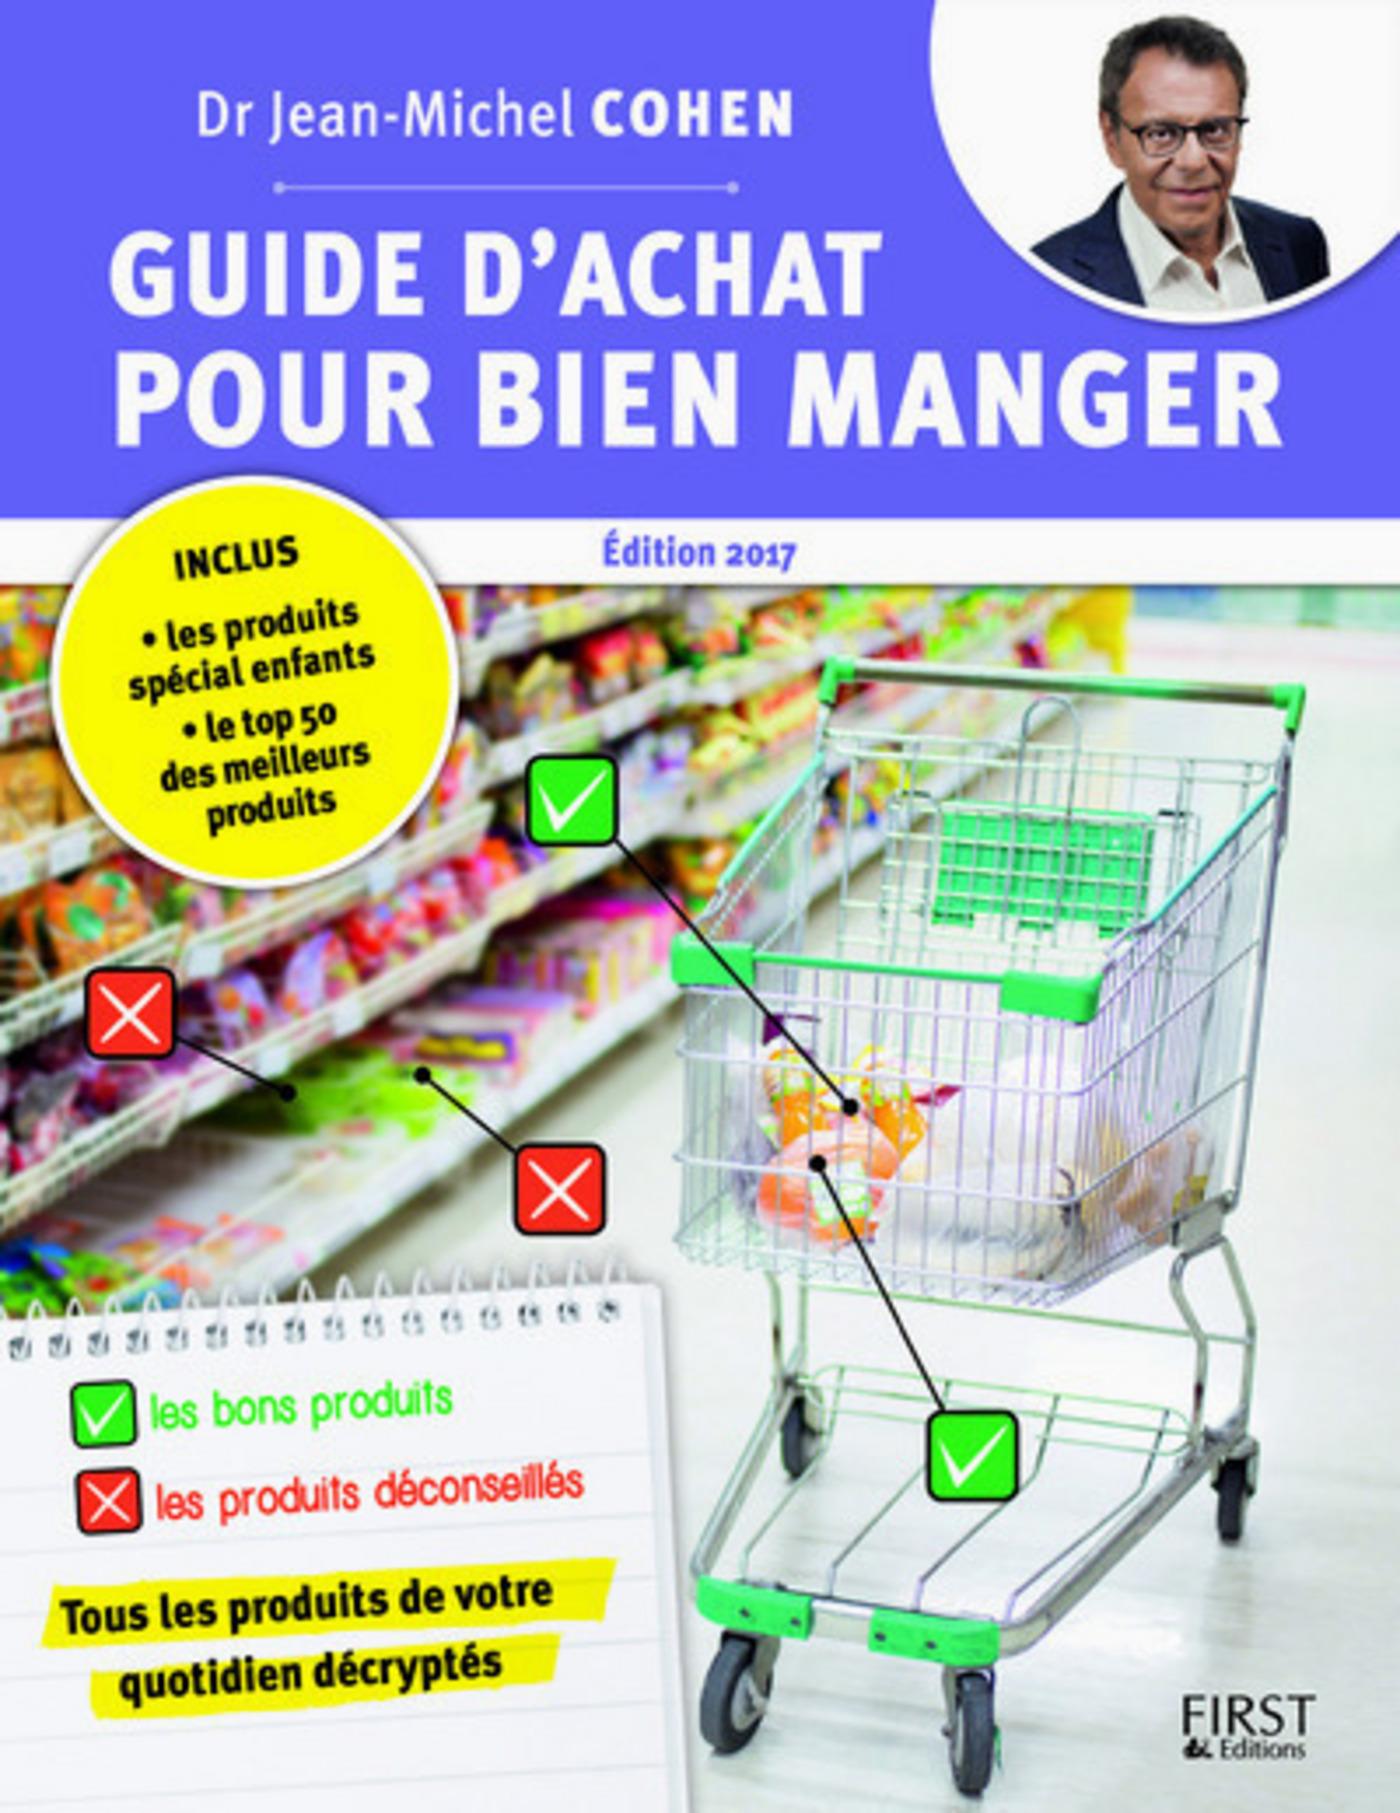 Guide d'achat pour bien manger, 2e édition (ebook)